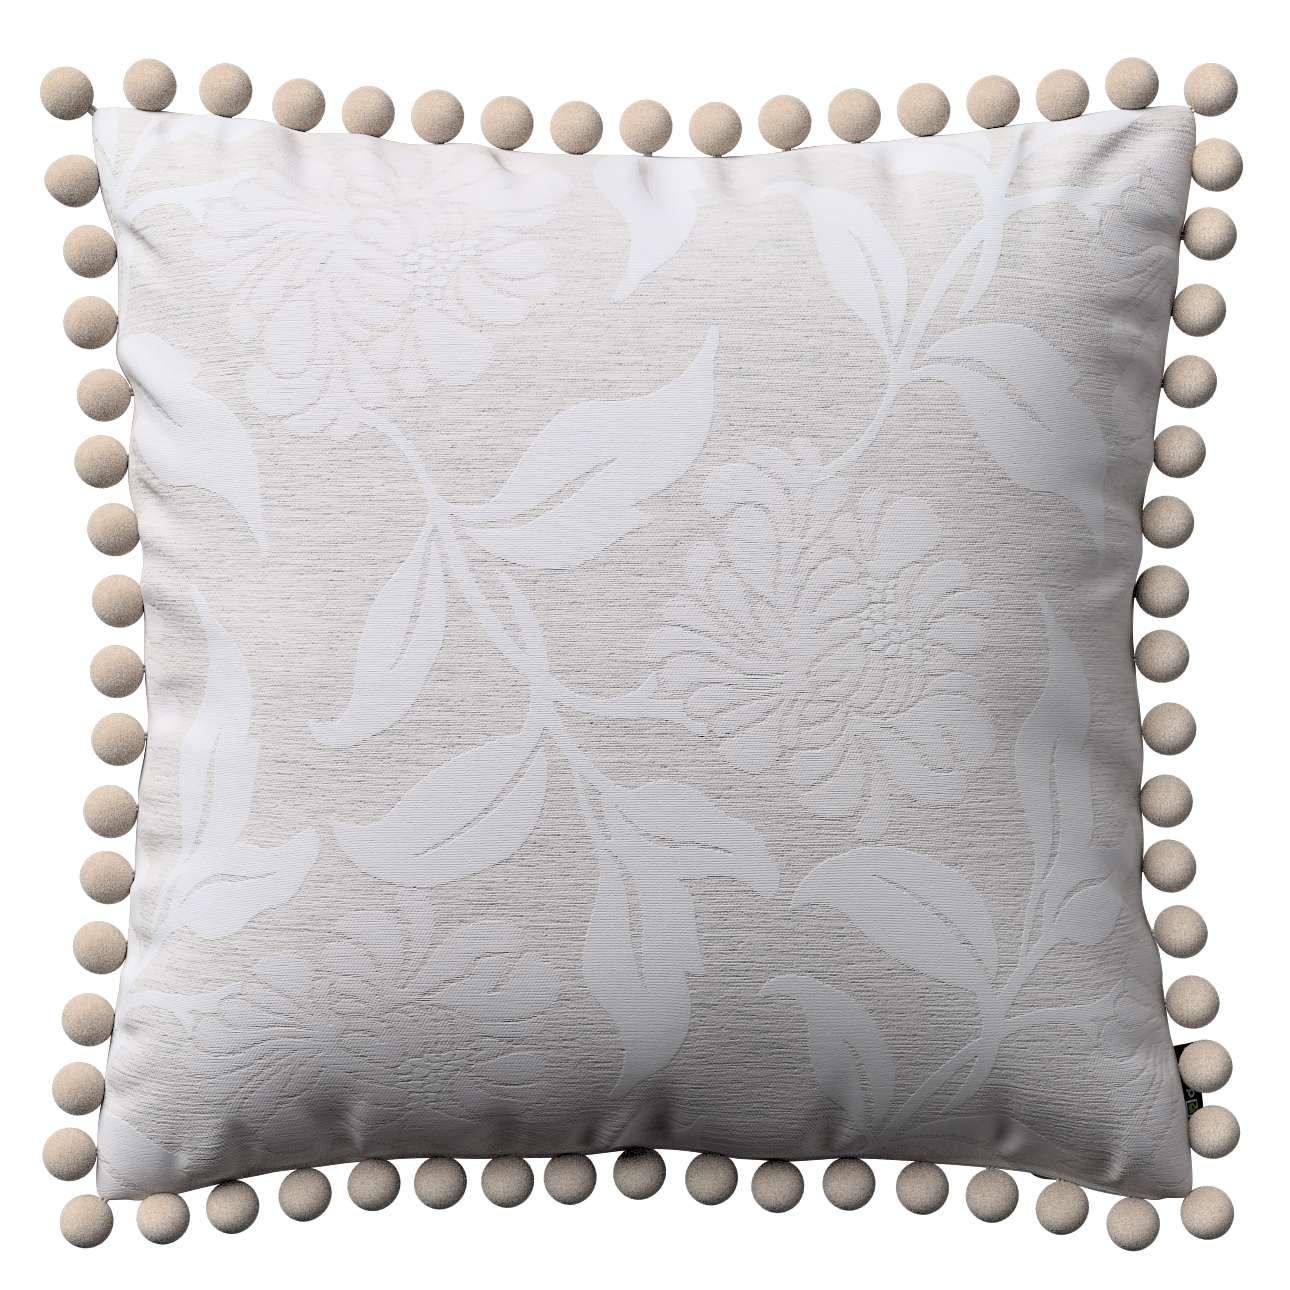 Poszewka Wera na poduszkę 45 x 45 cm w kolekcji Venice, tkanina: 140-51